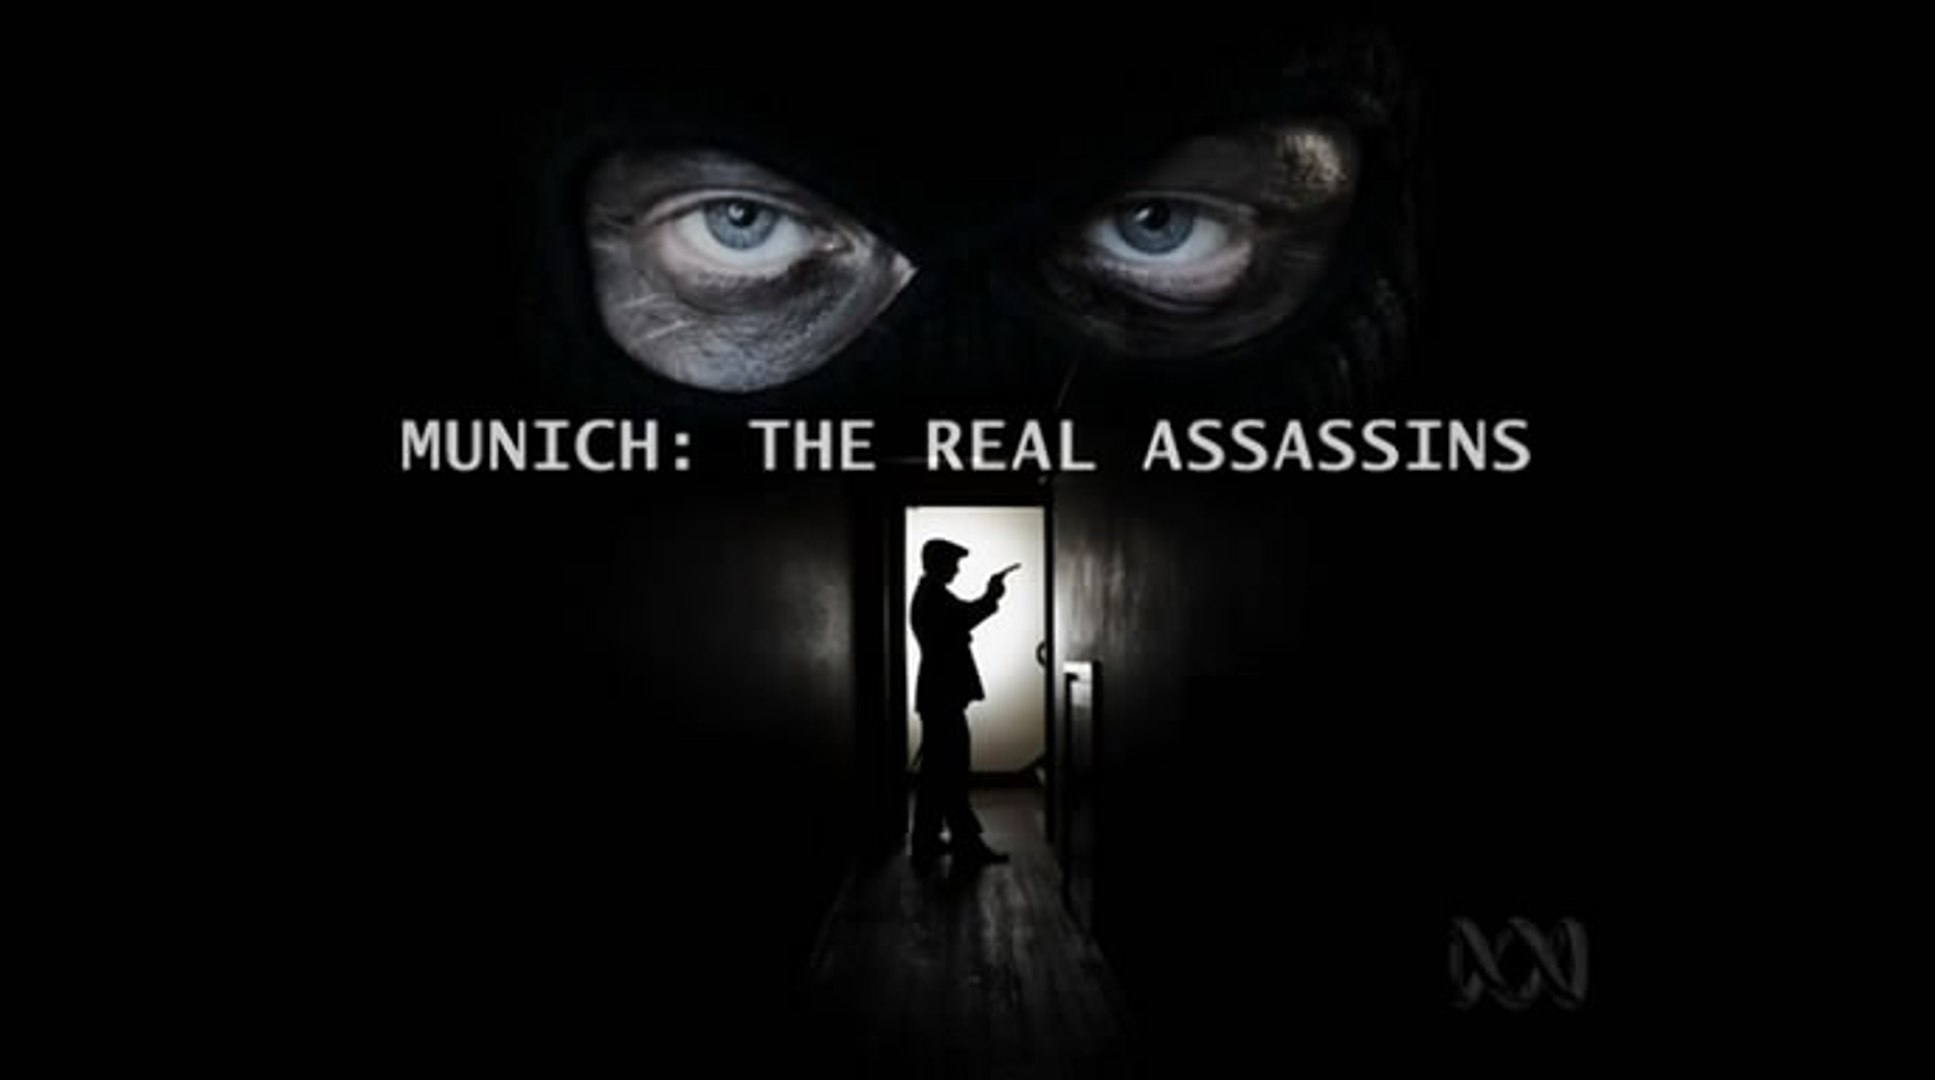 Assassins and Character Assassins: Spielbergs Munich